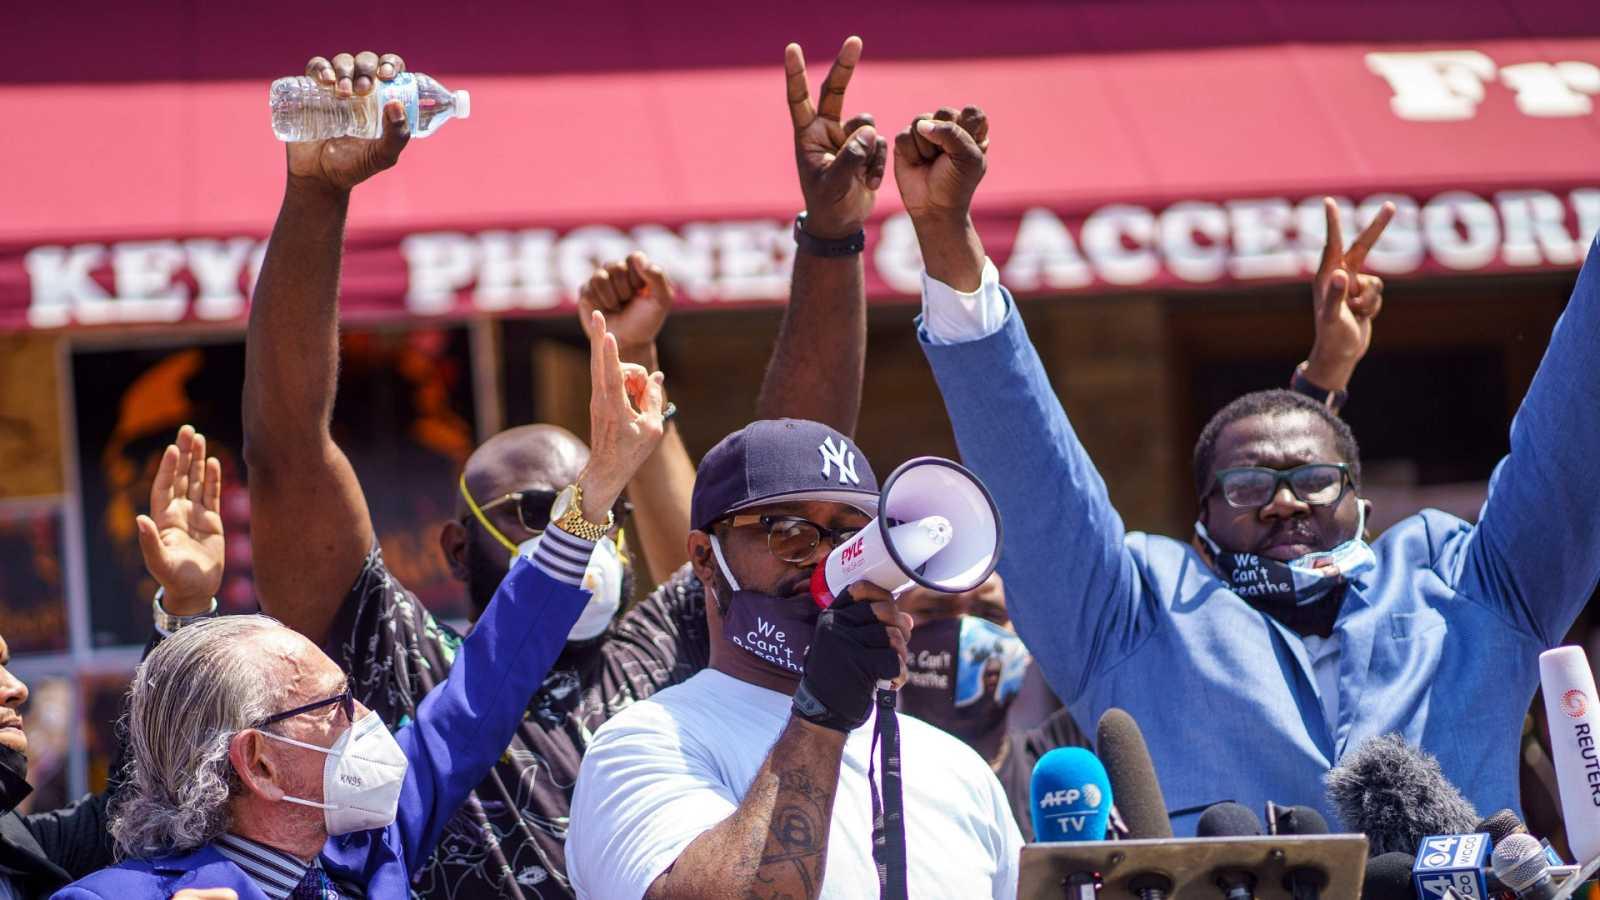 Crece la indignación pacífica por el caso George Floyd más allá de los disturbios